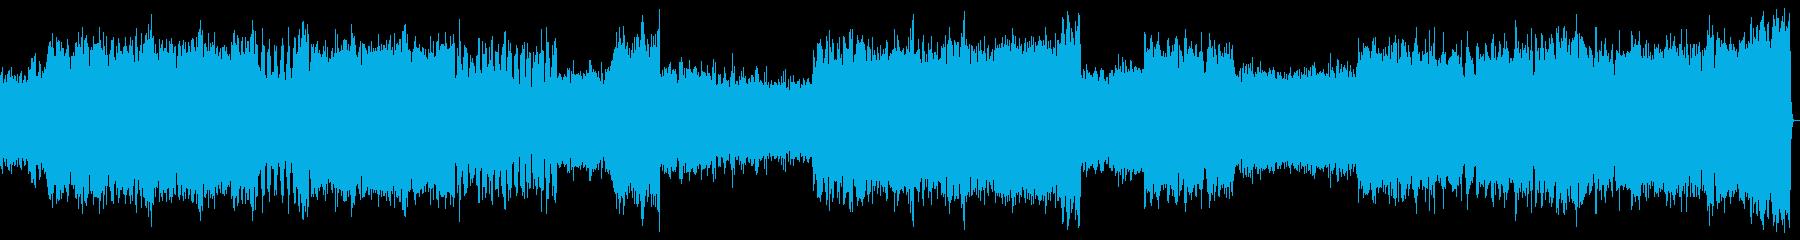 オルガン・パッサカリアとフーガ(バッハ)の再生済みの波形